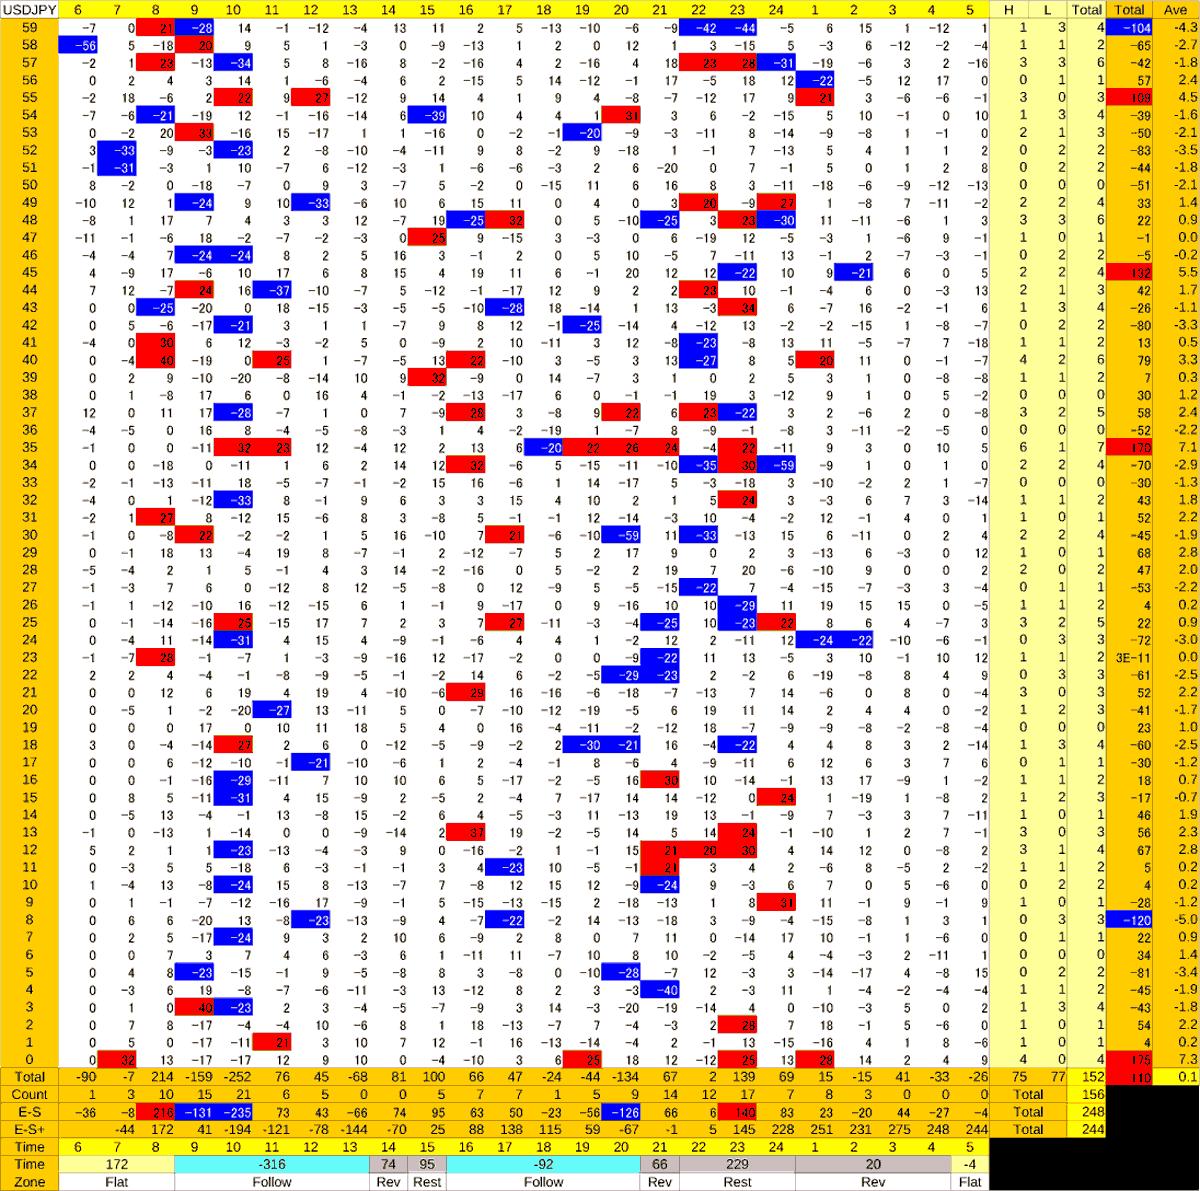 20200603_HS(1)USDJPY